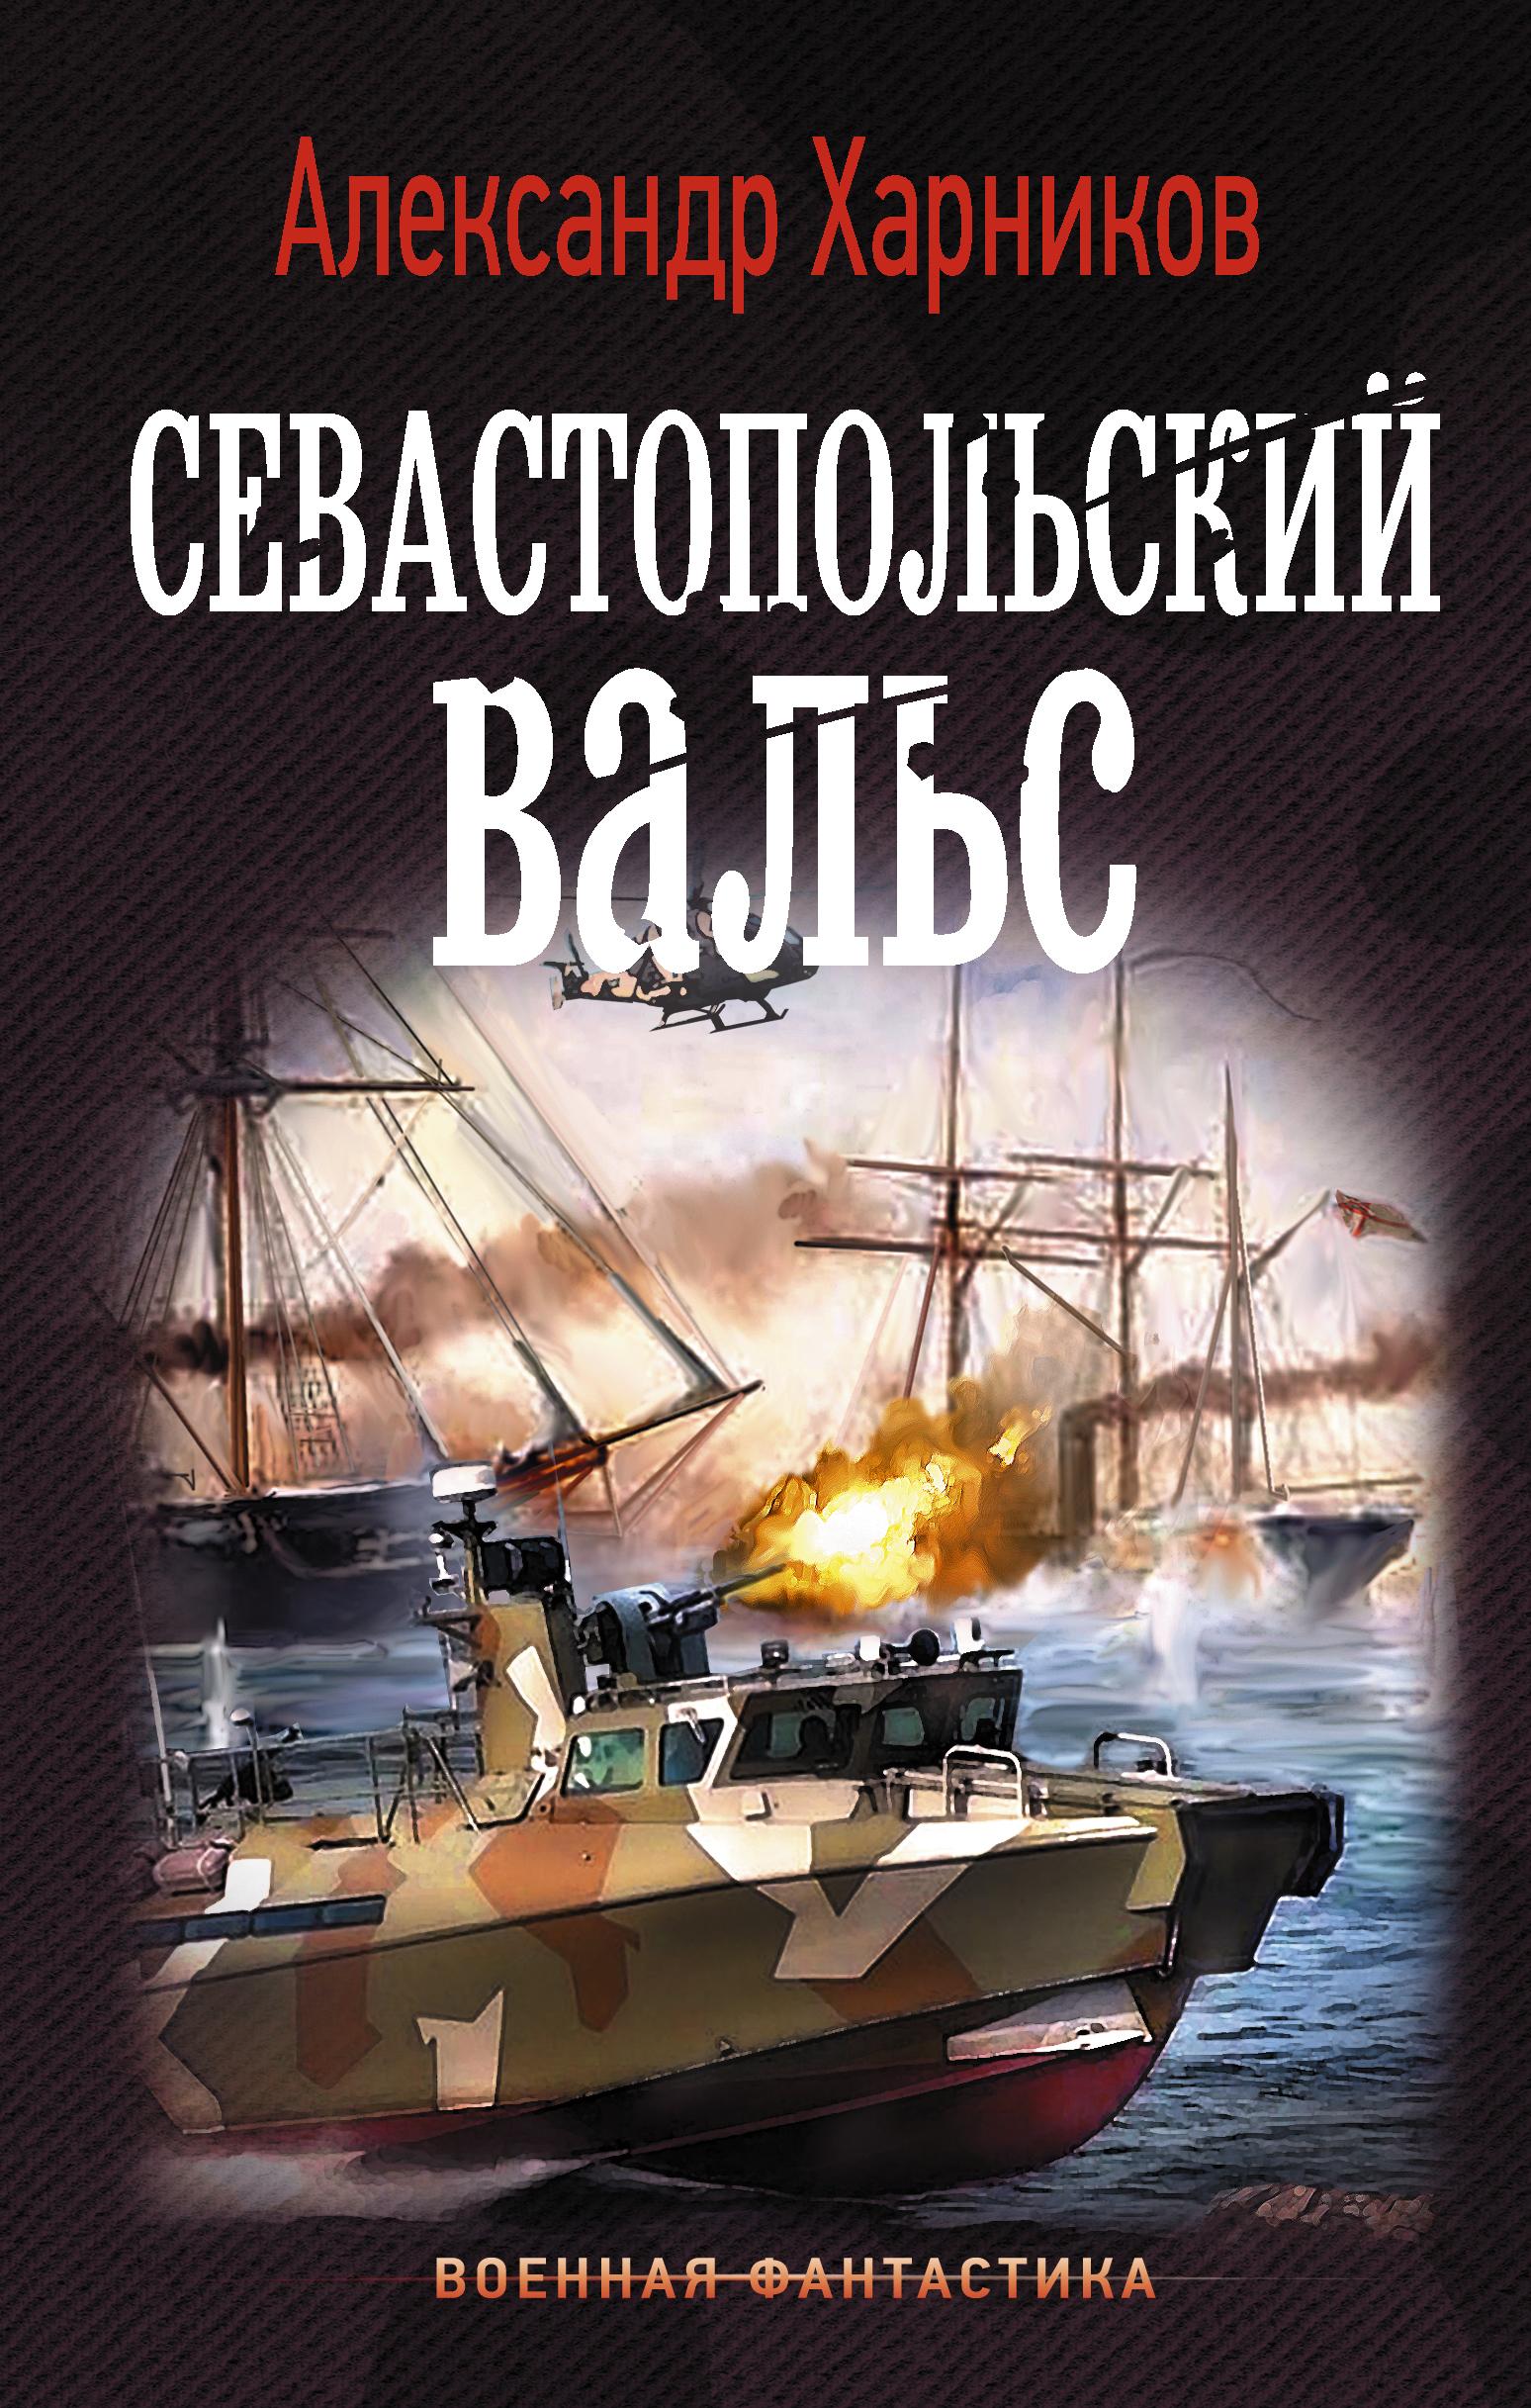 Харников А.П., Дынин М. Севастопольский вальс